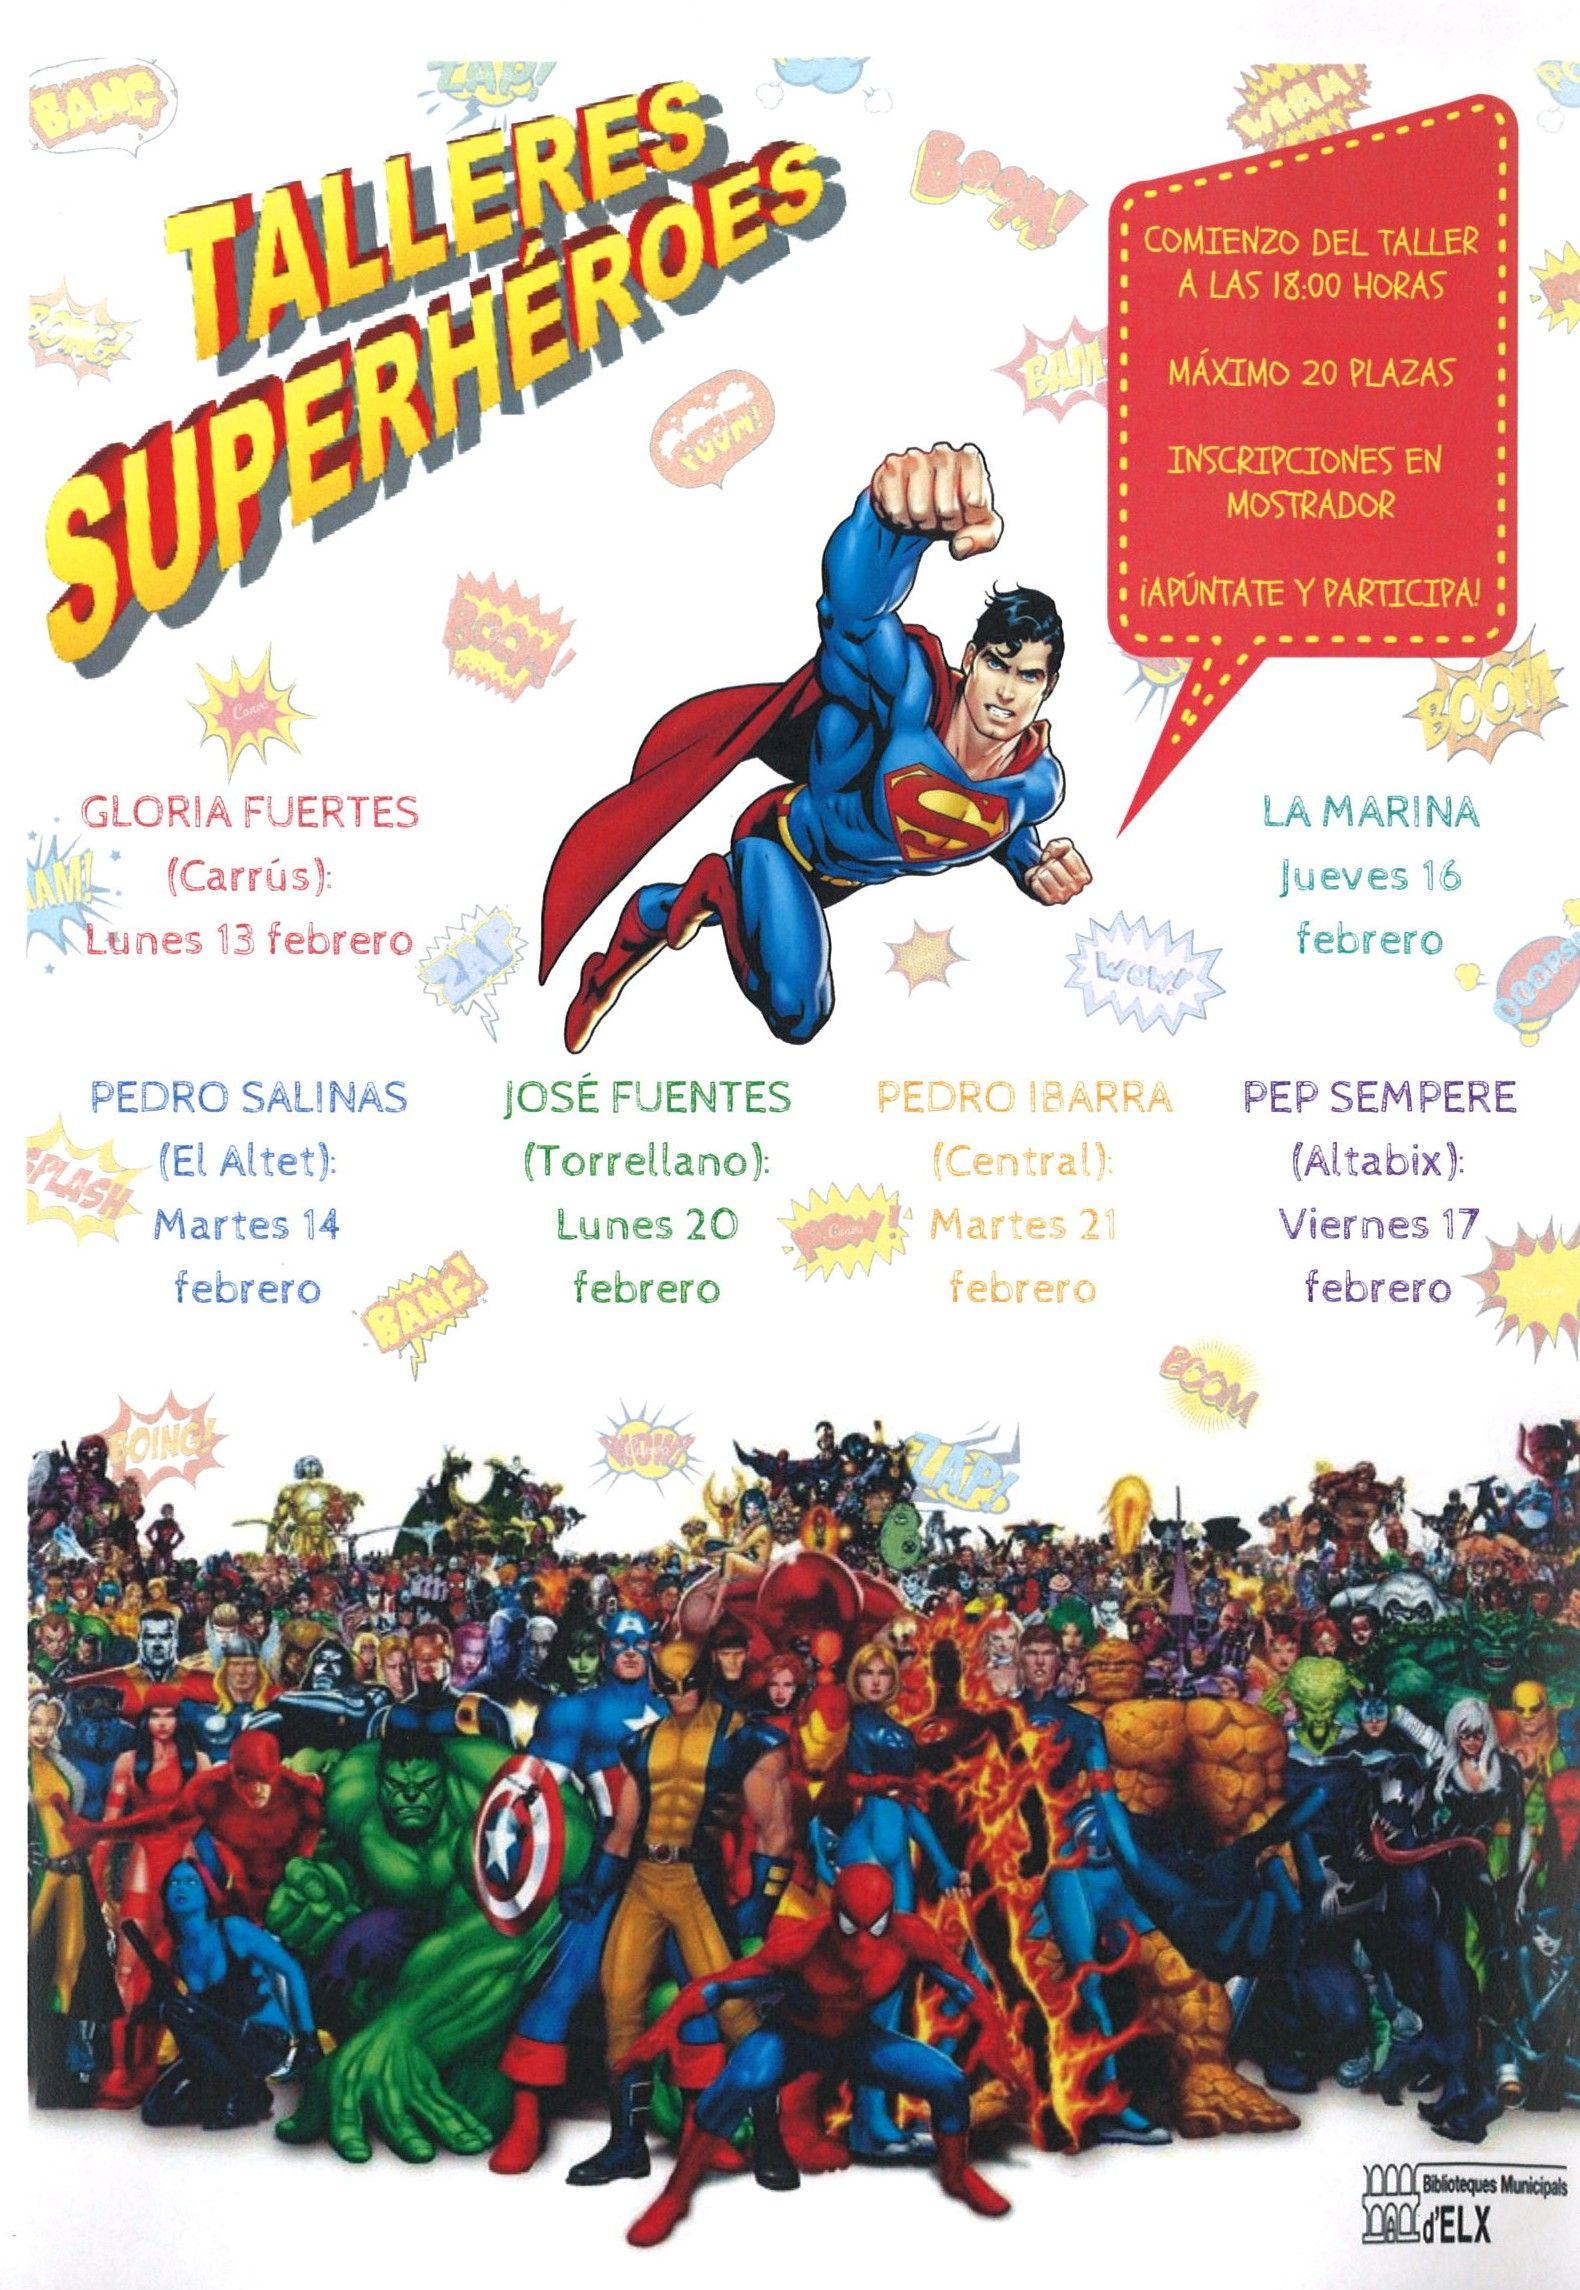 Este carnaval las bibliotecas infantiles invitan a los más pequeños a usar su imaginación en un divertido taller de superhéroes. Consulta la Guía de Lectura  https://drive.google.com/file/d/0B94WDy-s4ERBc2ptR0k2cTYwNE0/view?usp=sharing